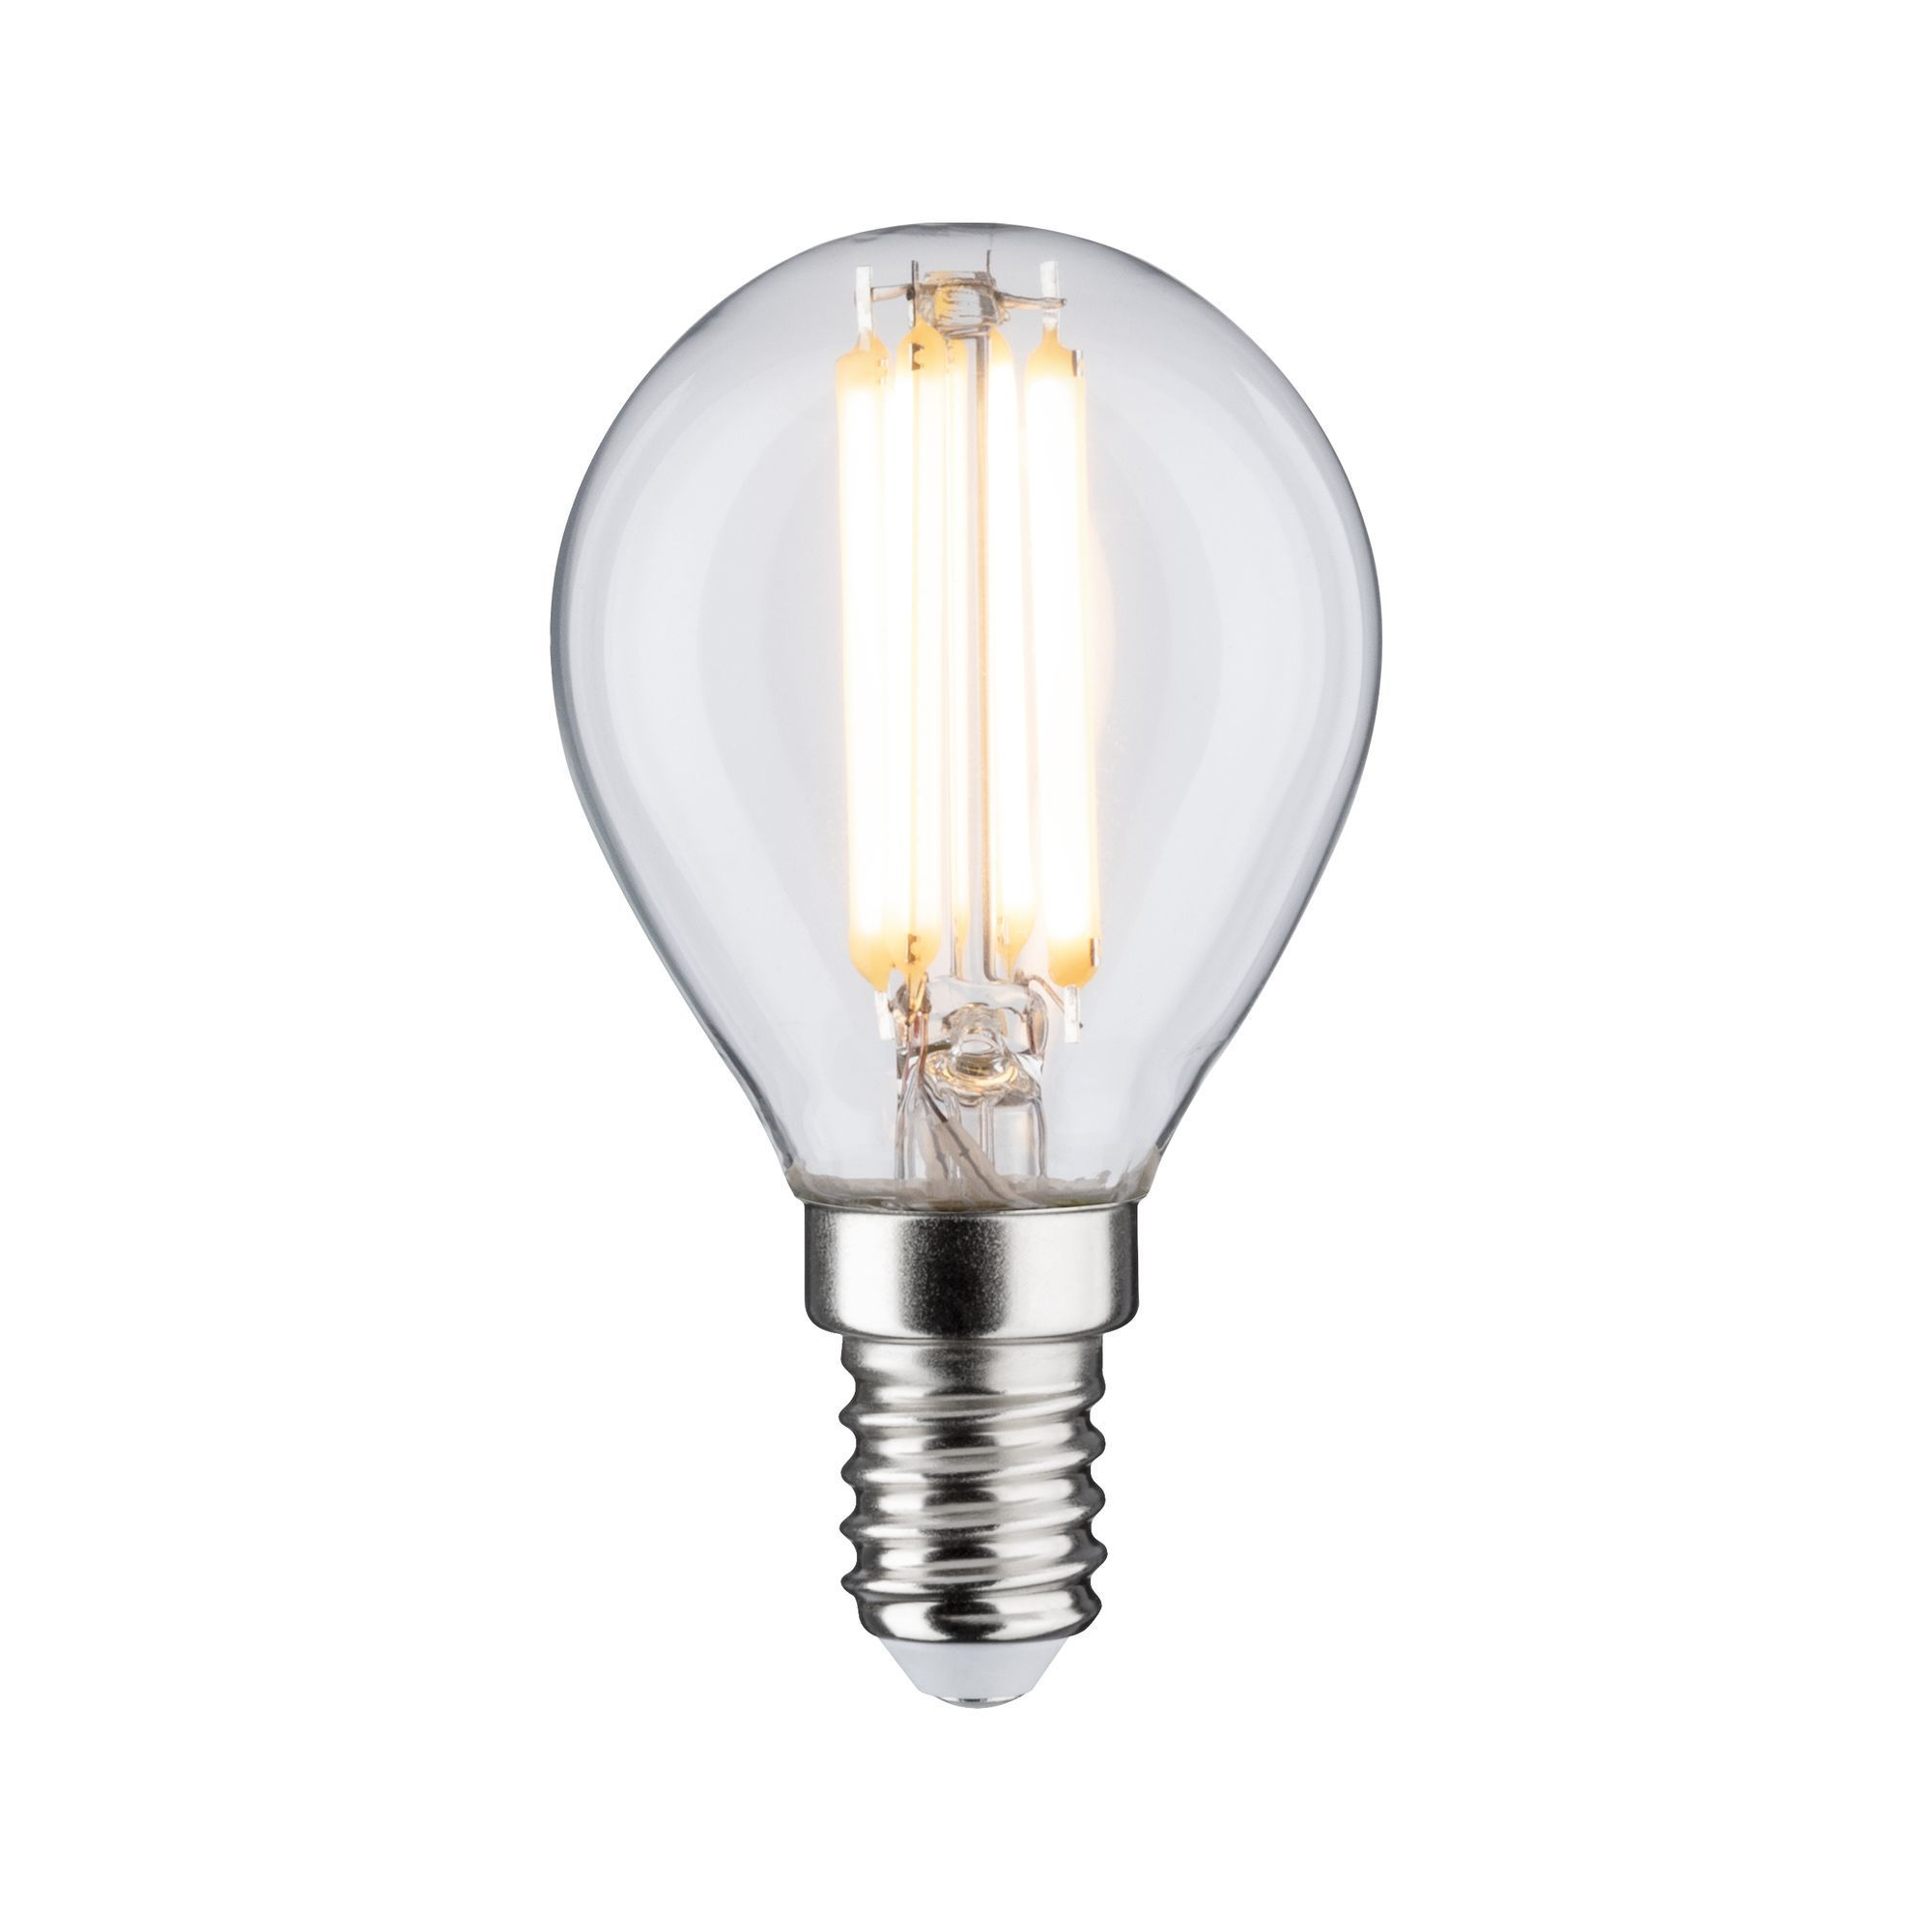 Paulmann LED Fil Tropfen 806lm E14 2700K 6,5W klar 230V (28650)